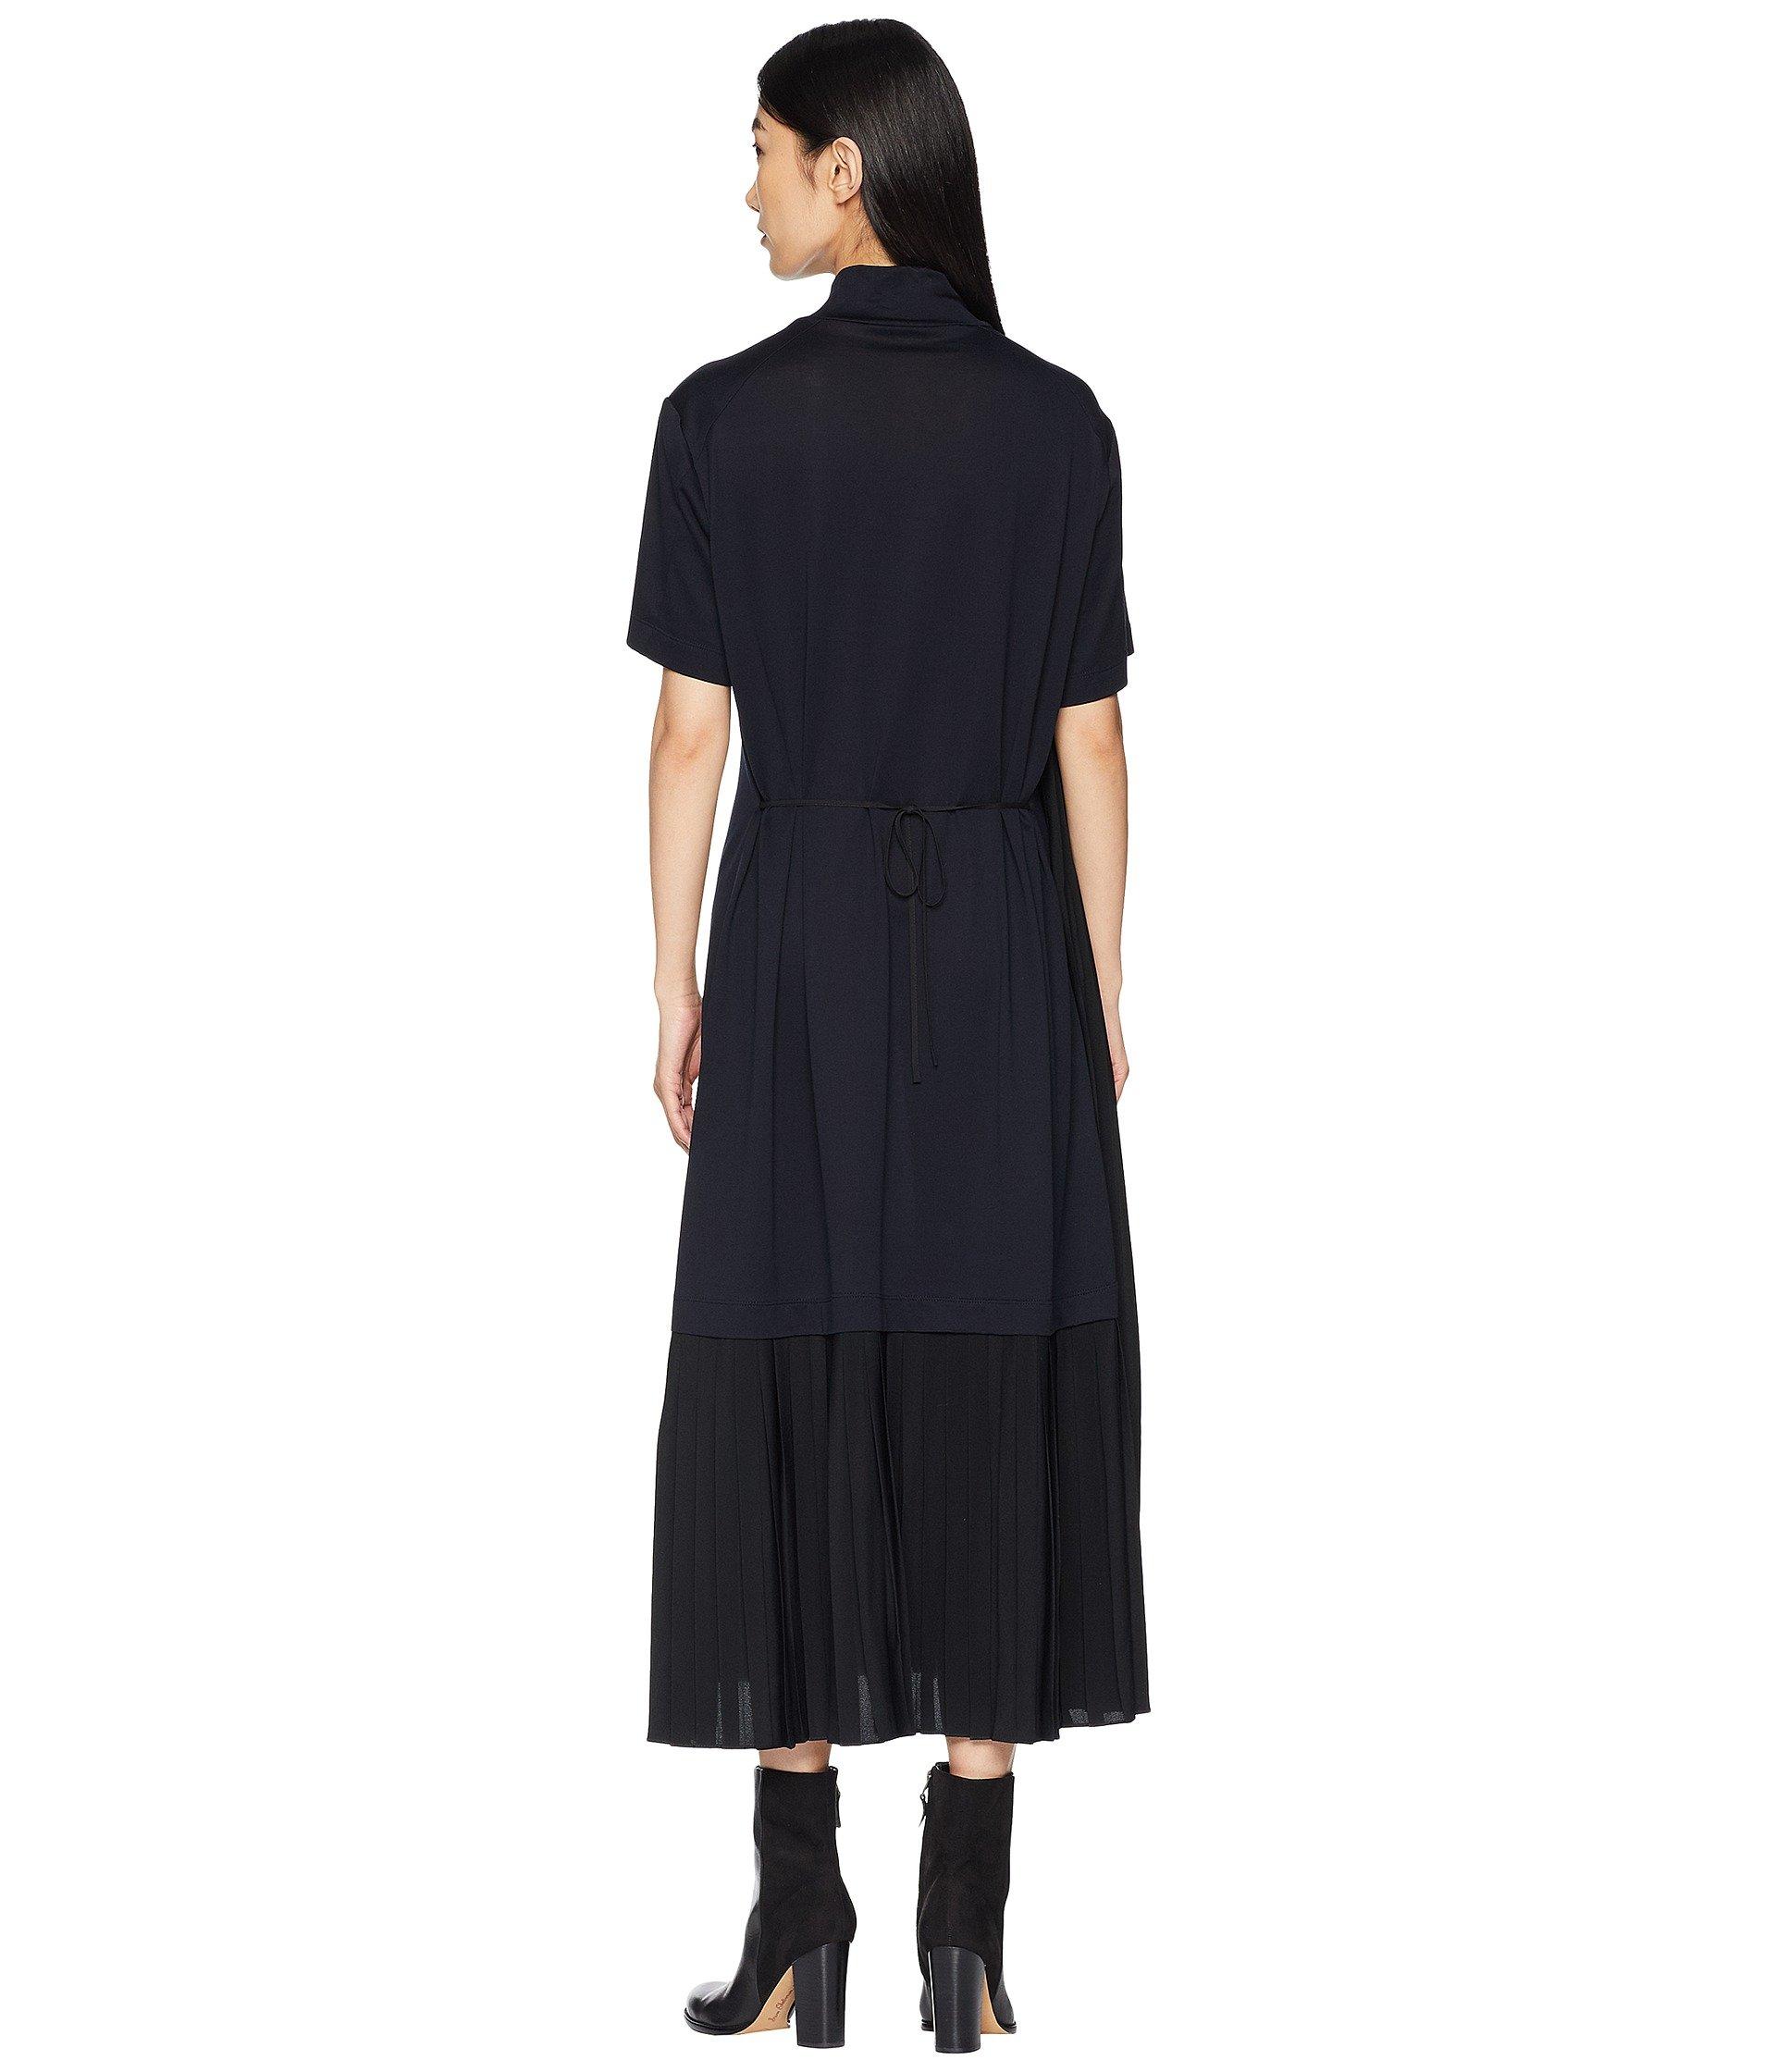 Jil Sander Sleeve Plisst Dress Details Turtleneck Navy Short And gzqr1wg6